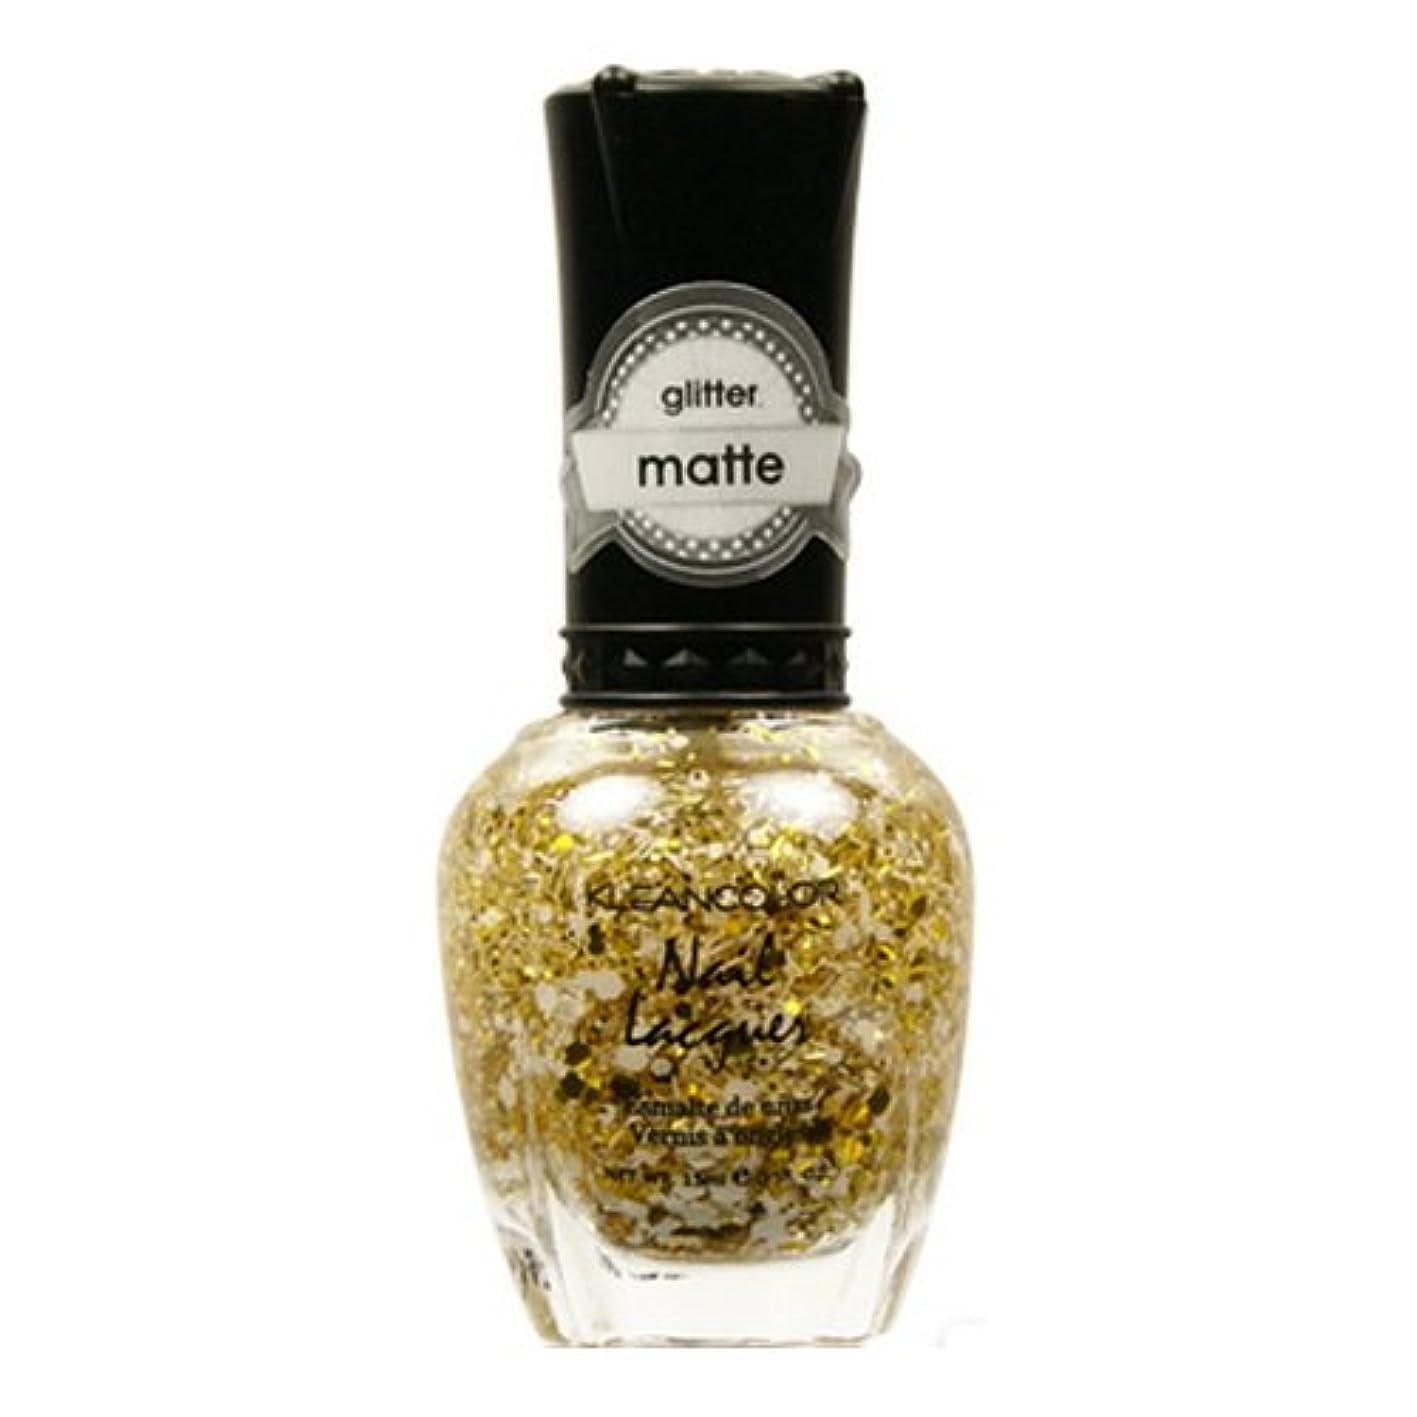 インタネットを見る逆リラックスした(6 Pack) KLEANCOLOR Glitter Matte Nail Lacquer - Everyday is My Birthday (並行輸入品)